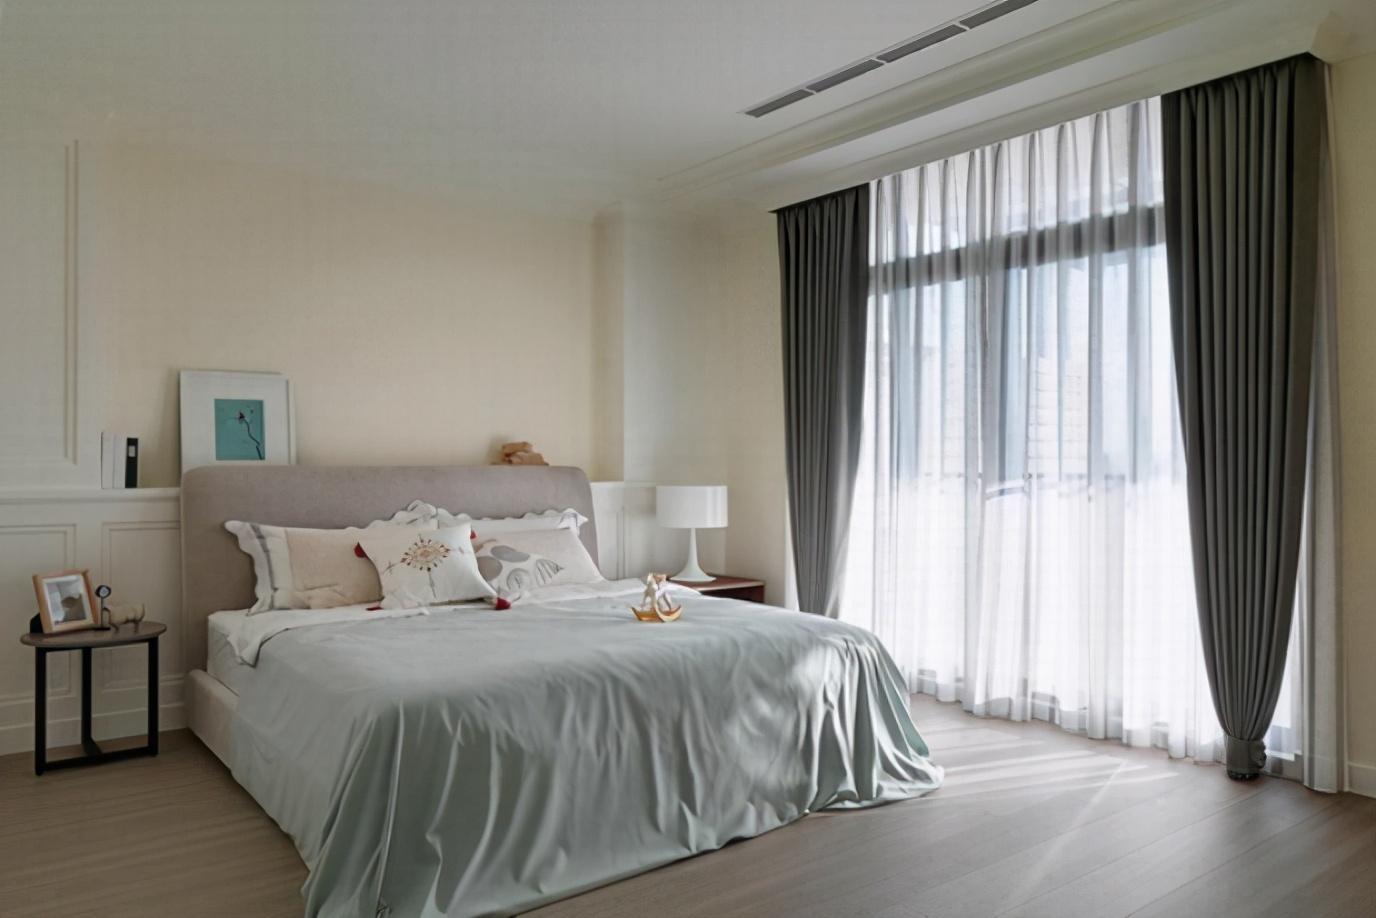 赢咖3注册首页 欧美风别墅,全屋装修时尚又艺术,这个配色有点小高级